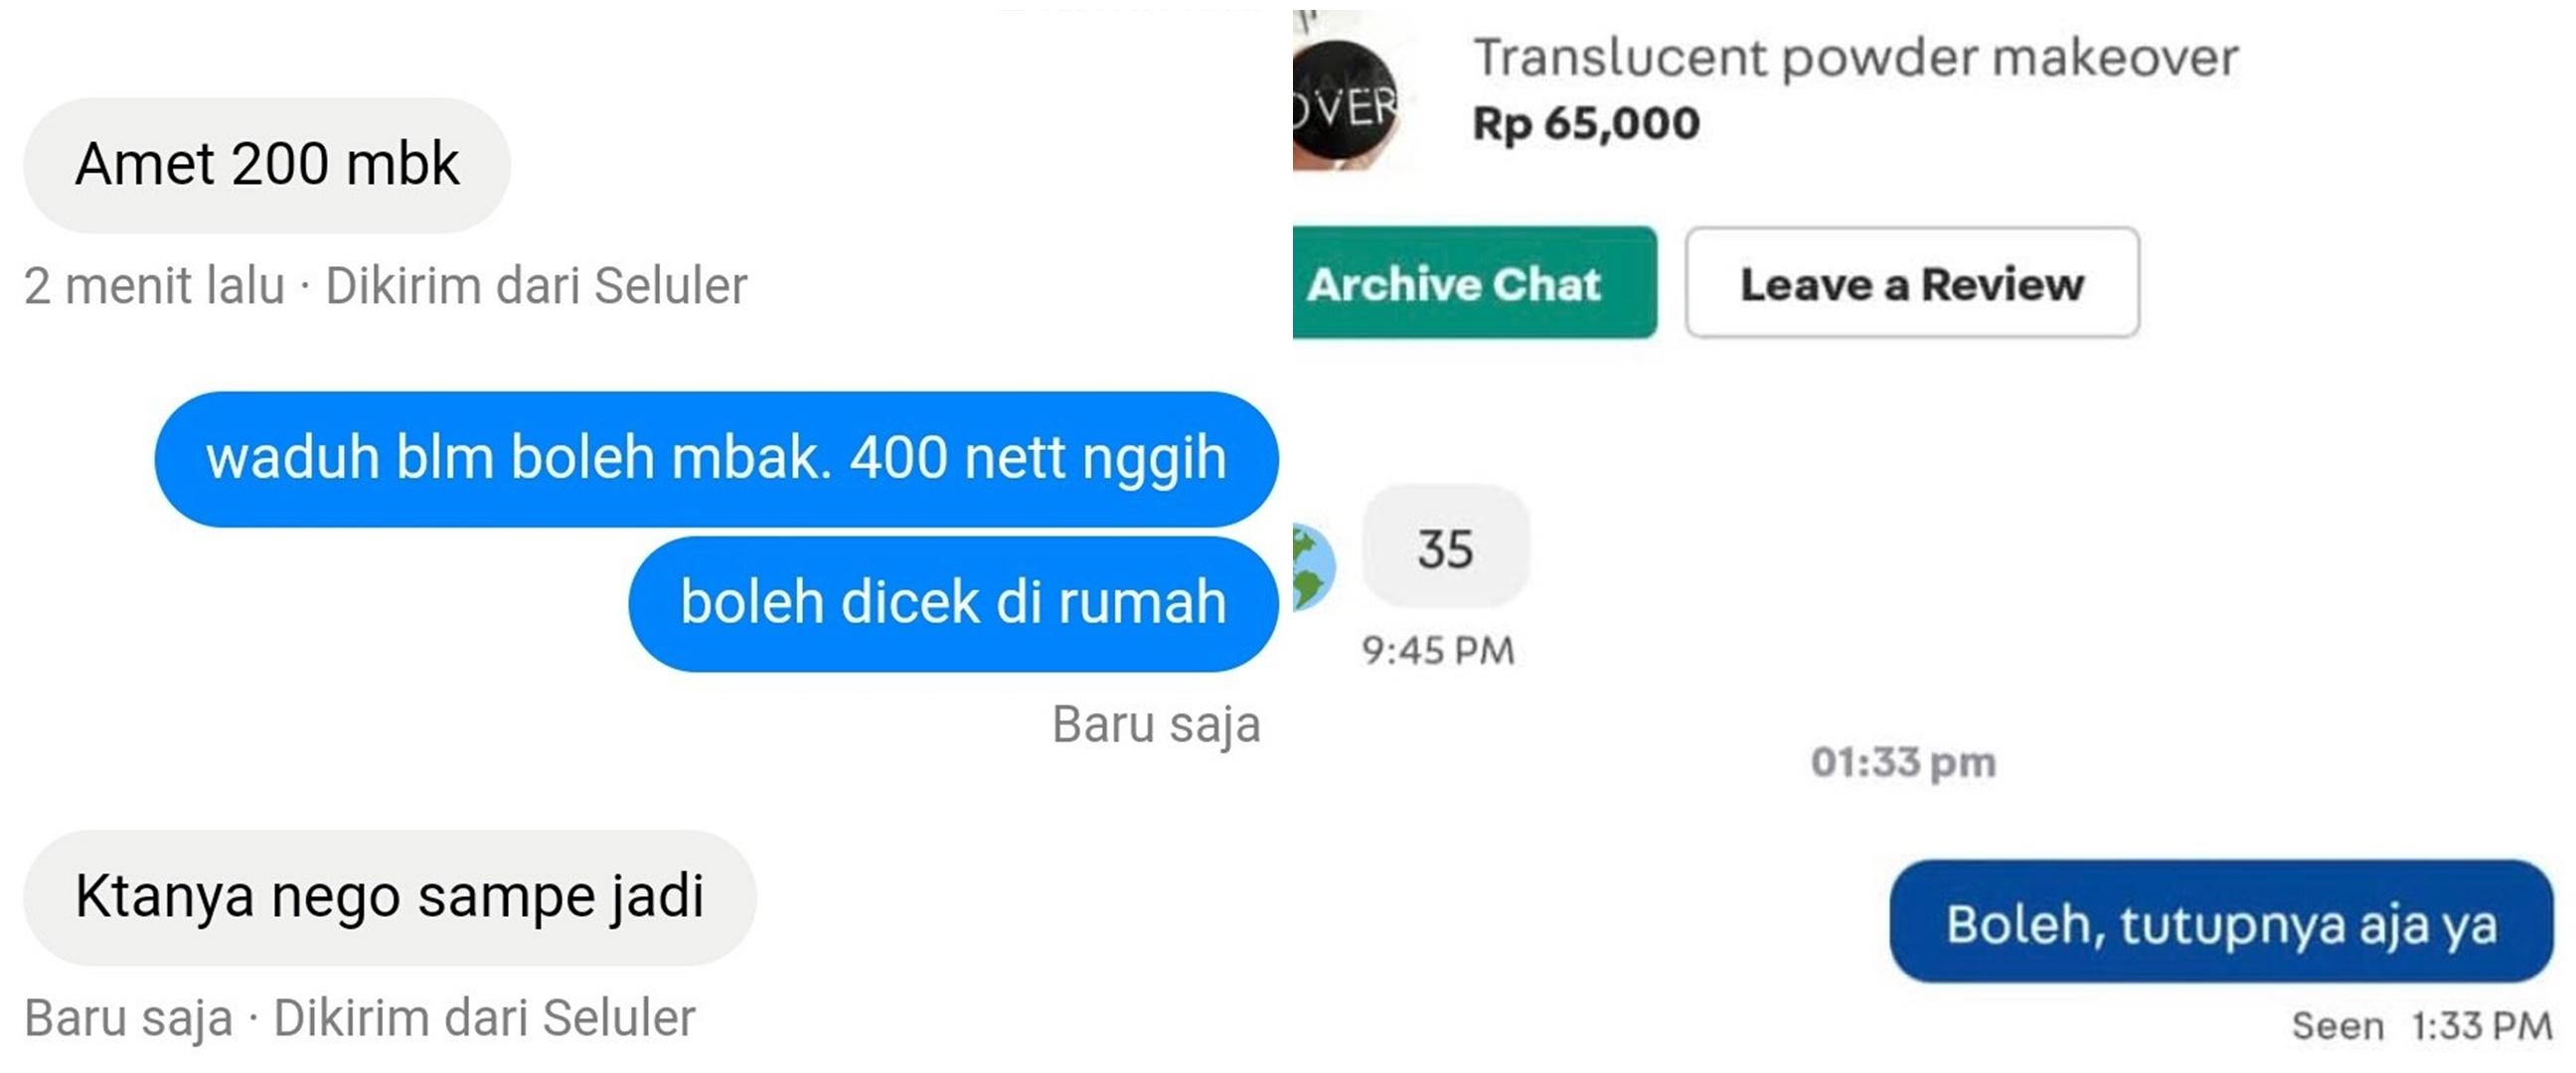 10 Chat pembeli saat tawar barang di olshop, bikin ketawa kesal